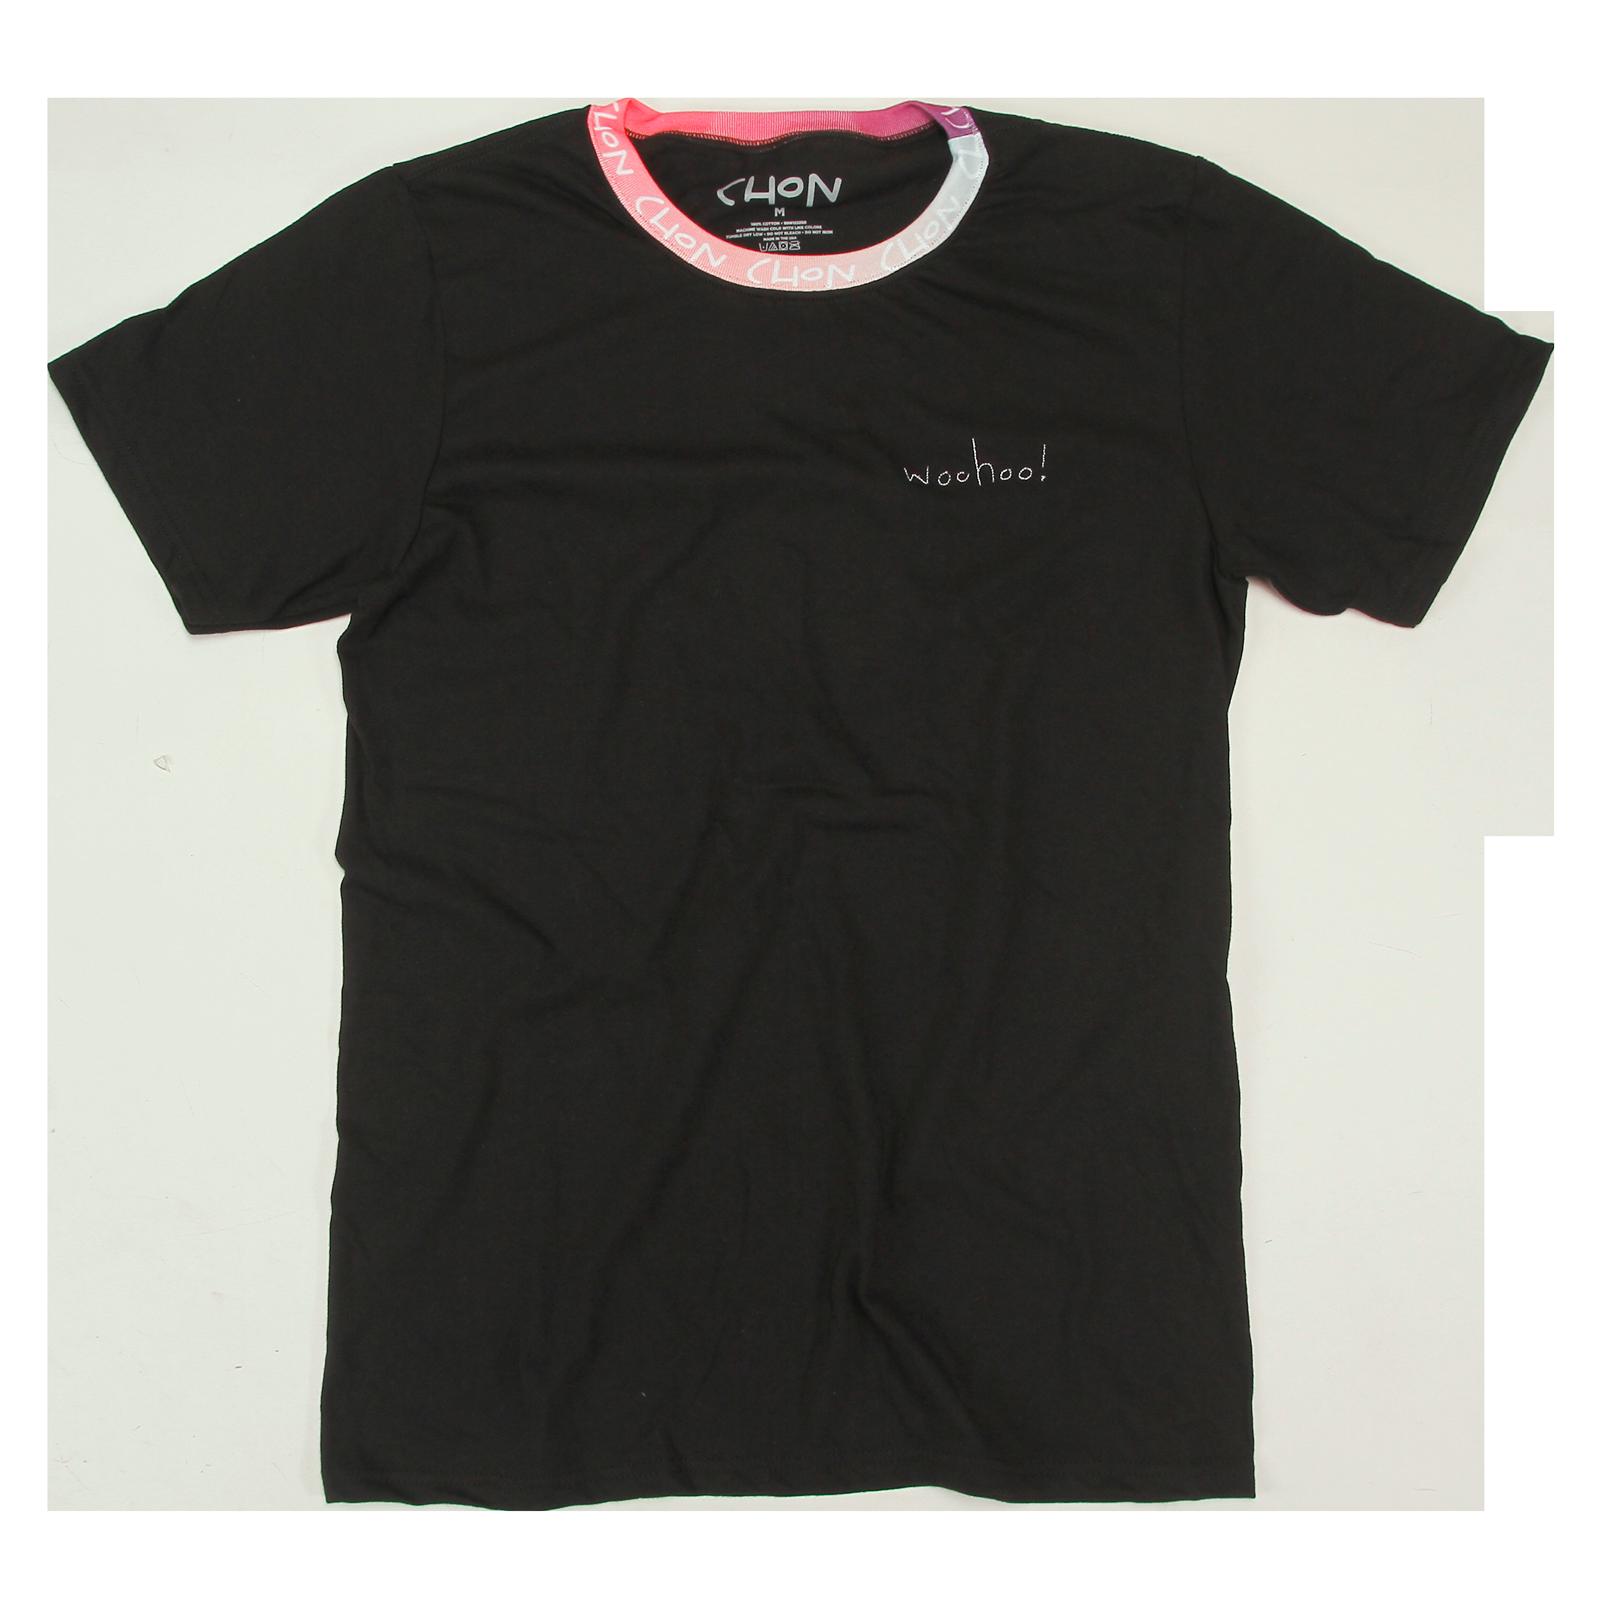 WooHoo! Black T-Shirt